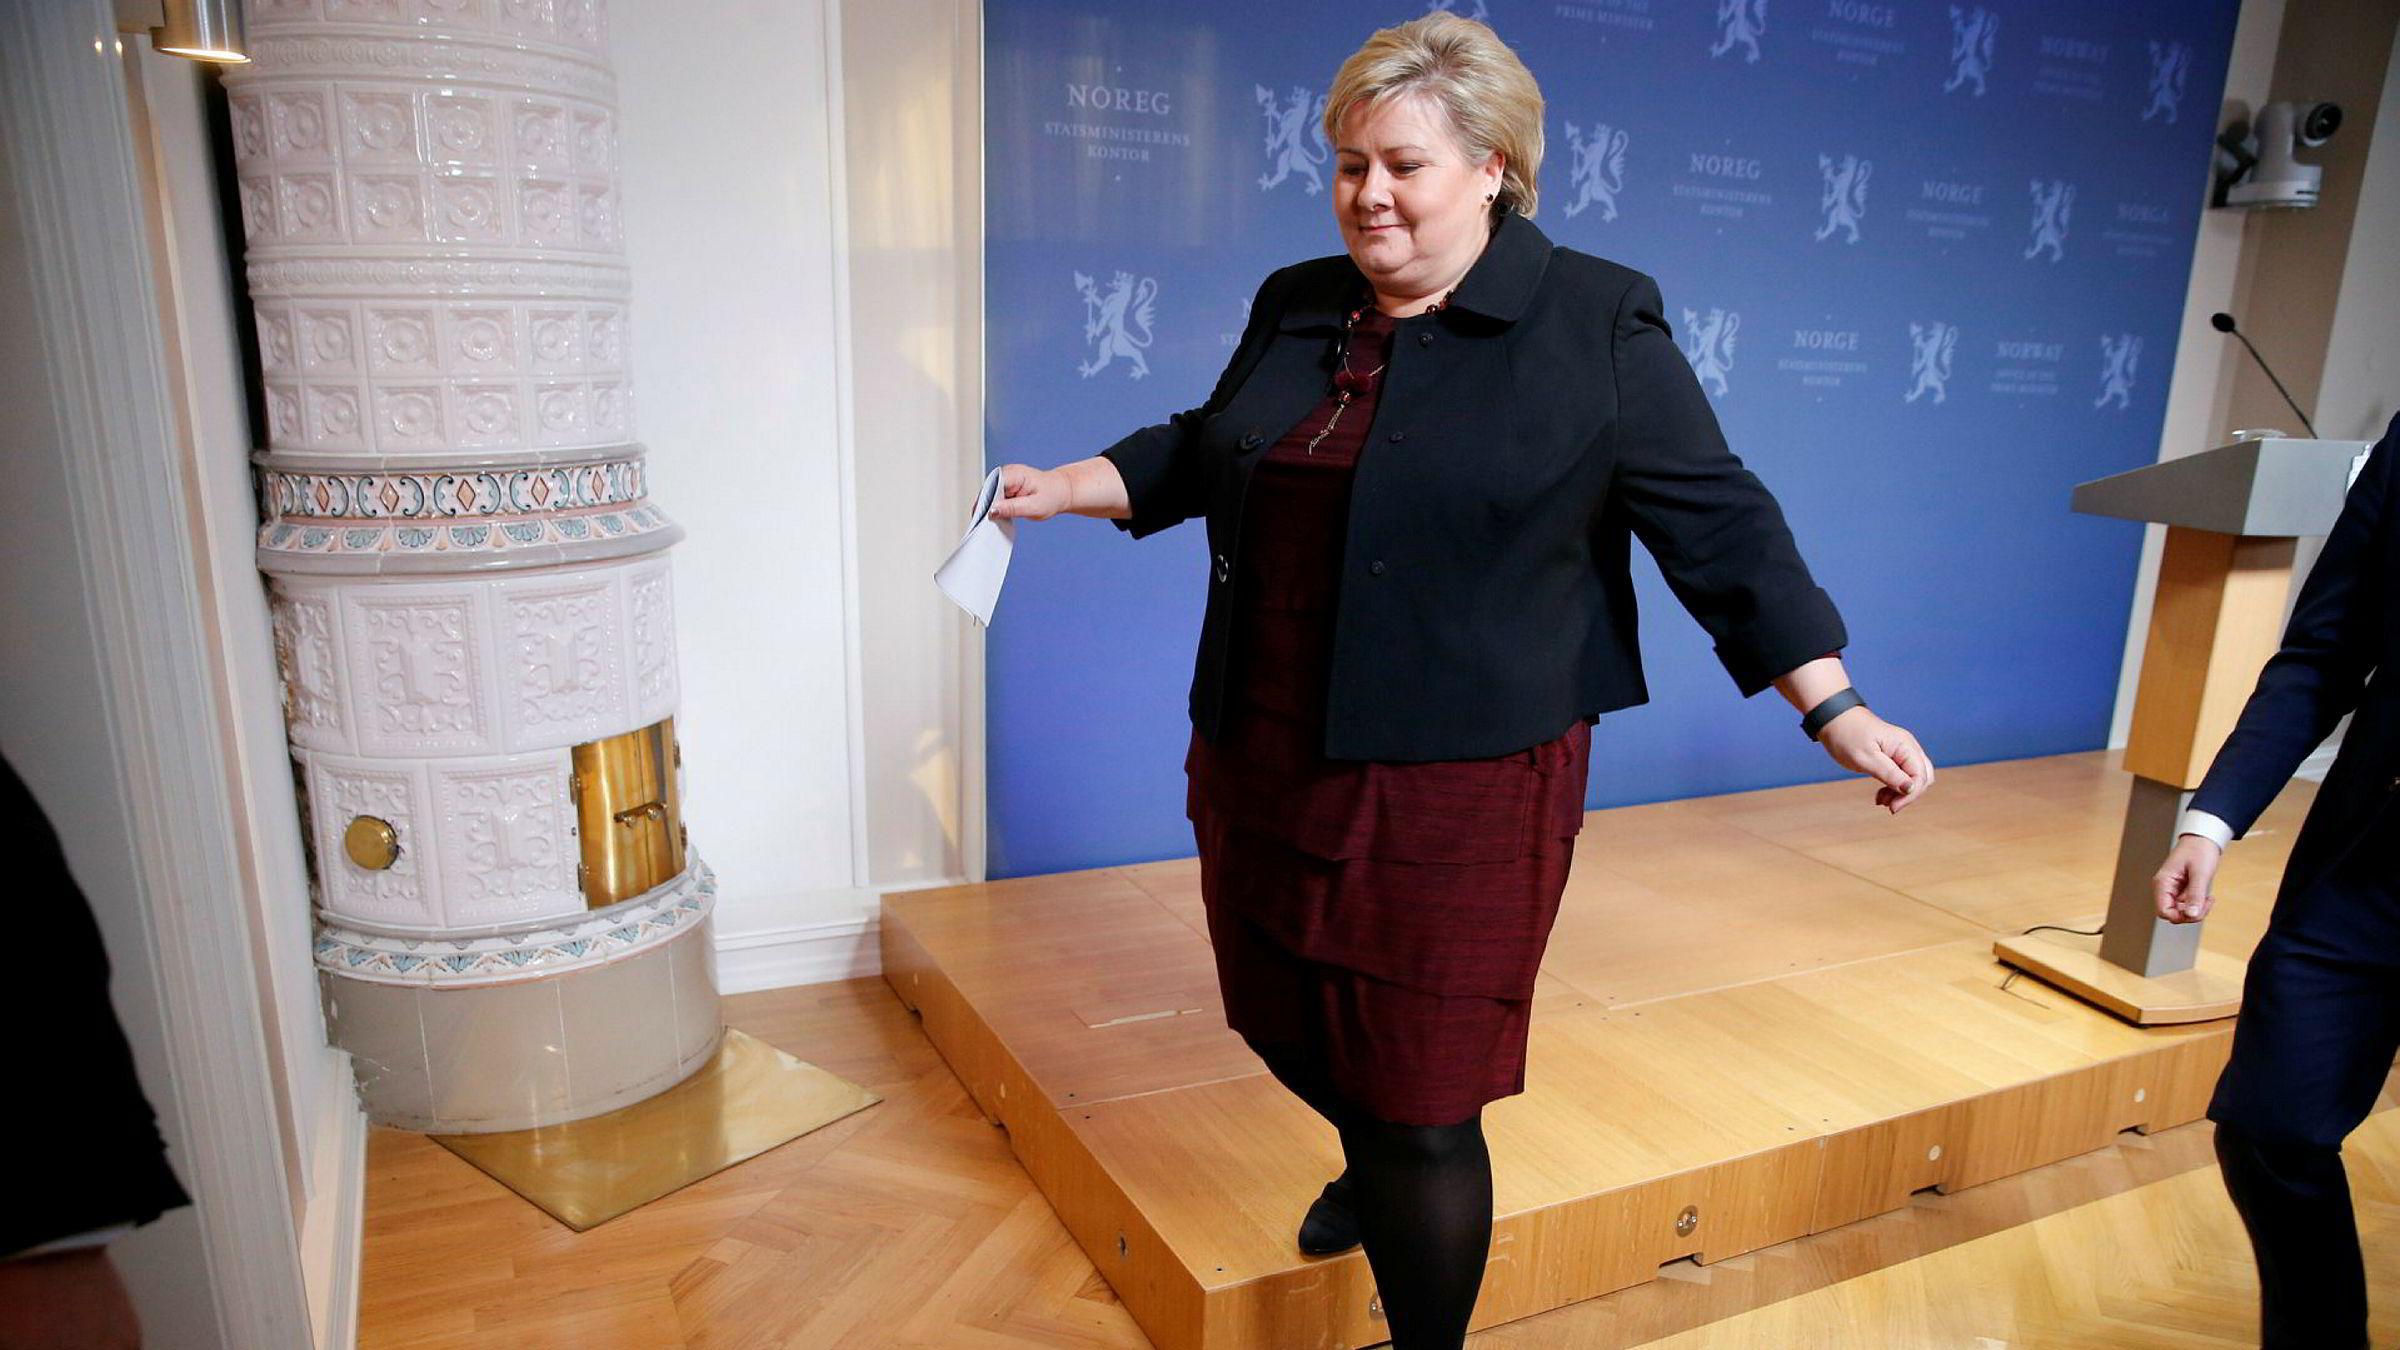 Ingen klare alternativer til å styre Norge hvis regjeringen går av. På bildet forlater statsminister Erna Solberg pressekonferansen denne uken der hun kommenterte den pågående budsjettprosessen